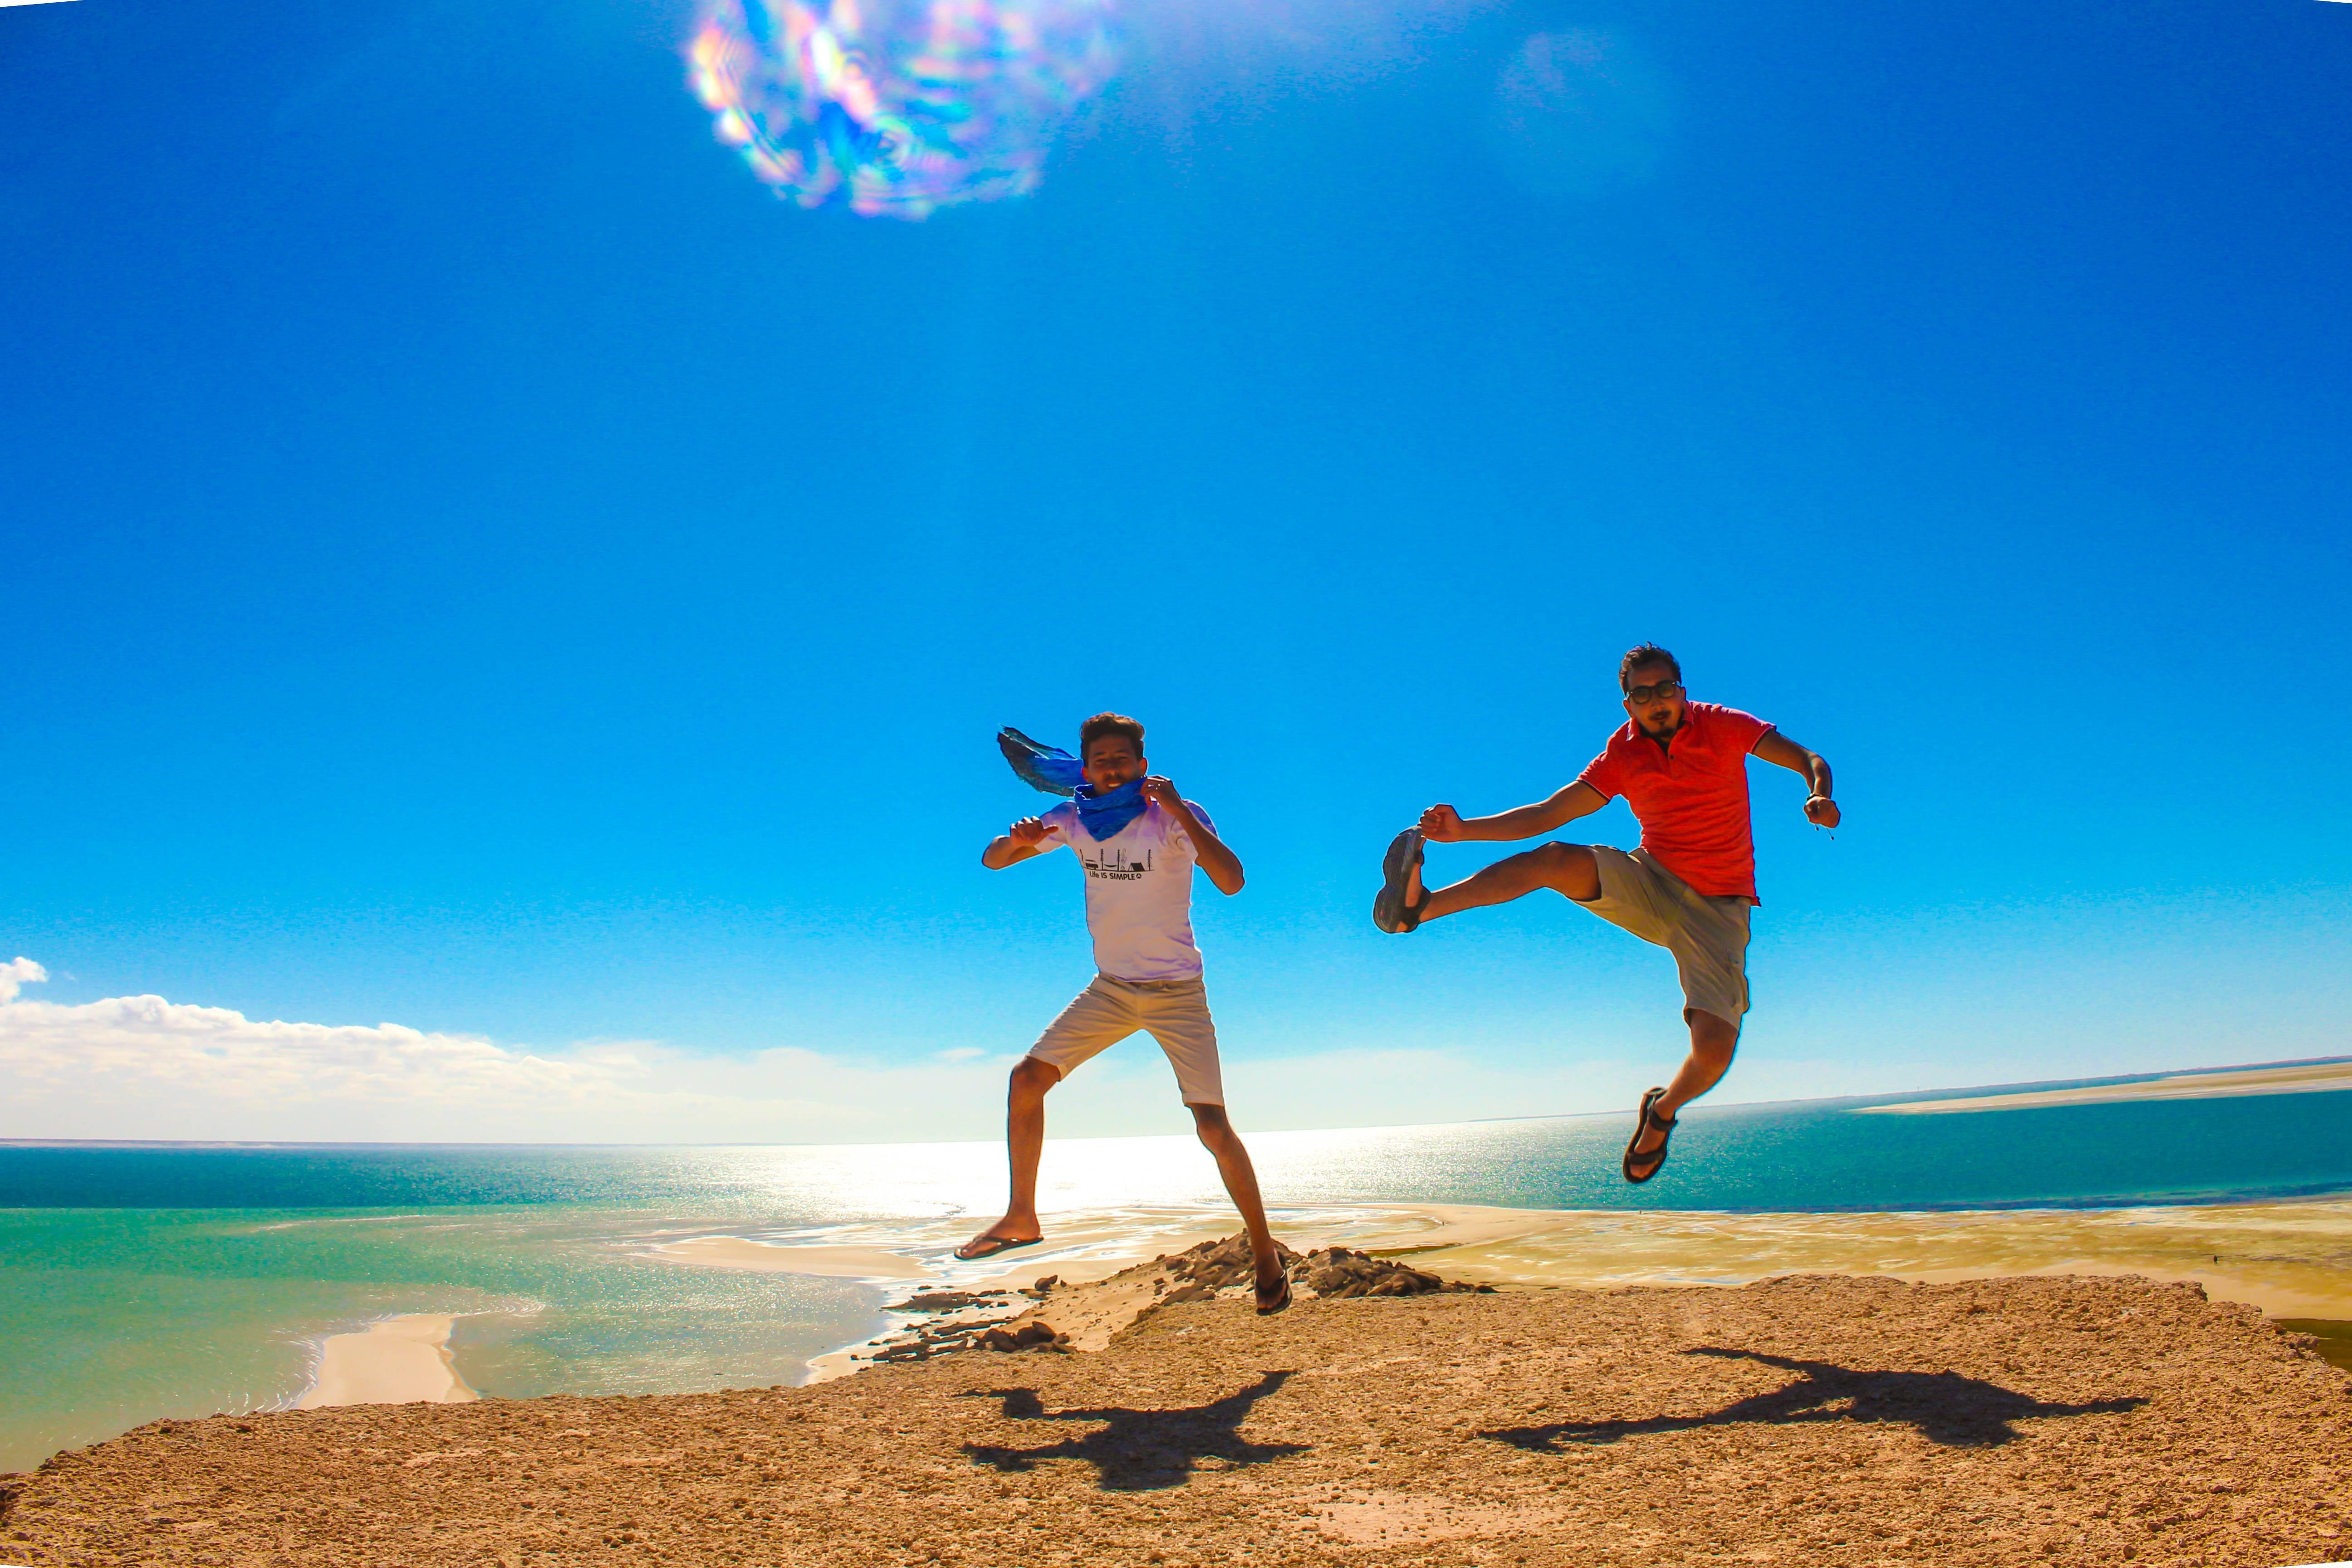 Photo 2: Trip arround dakhla ( Maroc ) : La dune blanche - Fom bouir - L'île du dragon